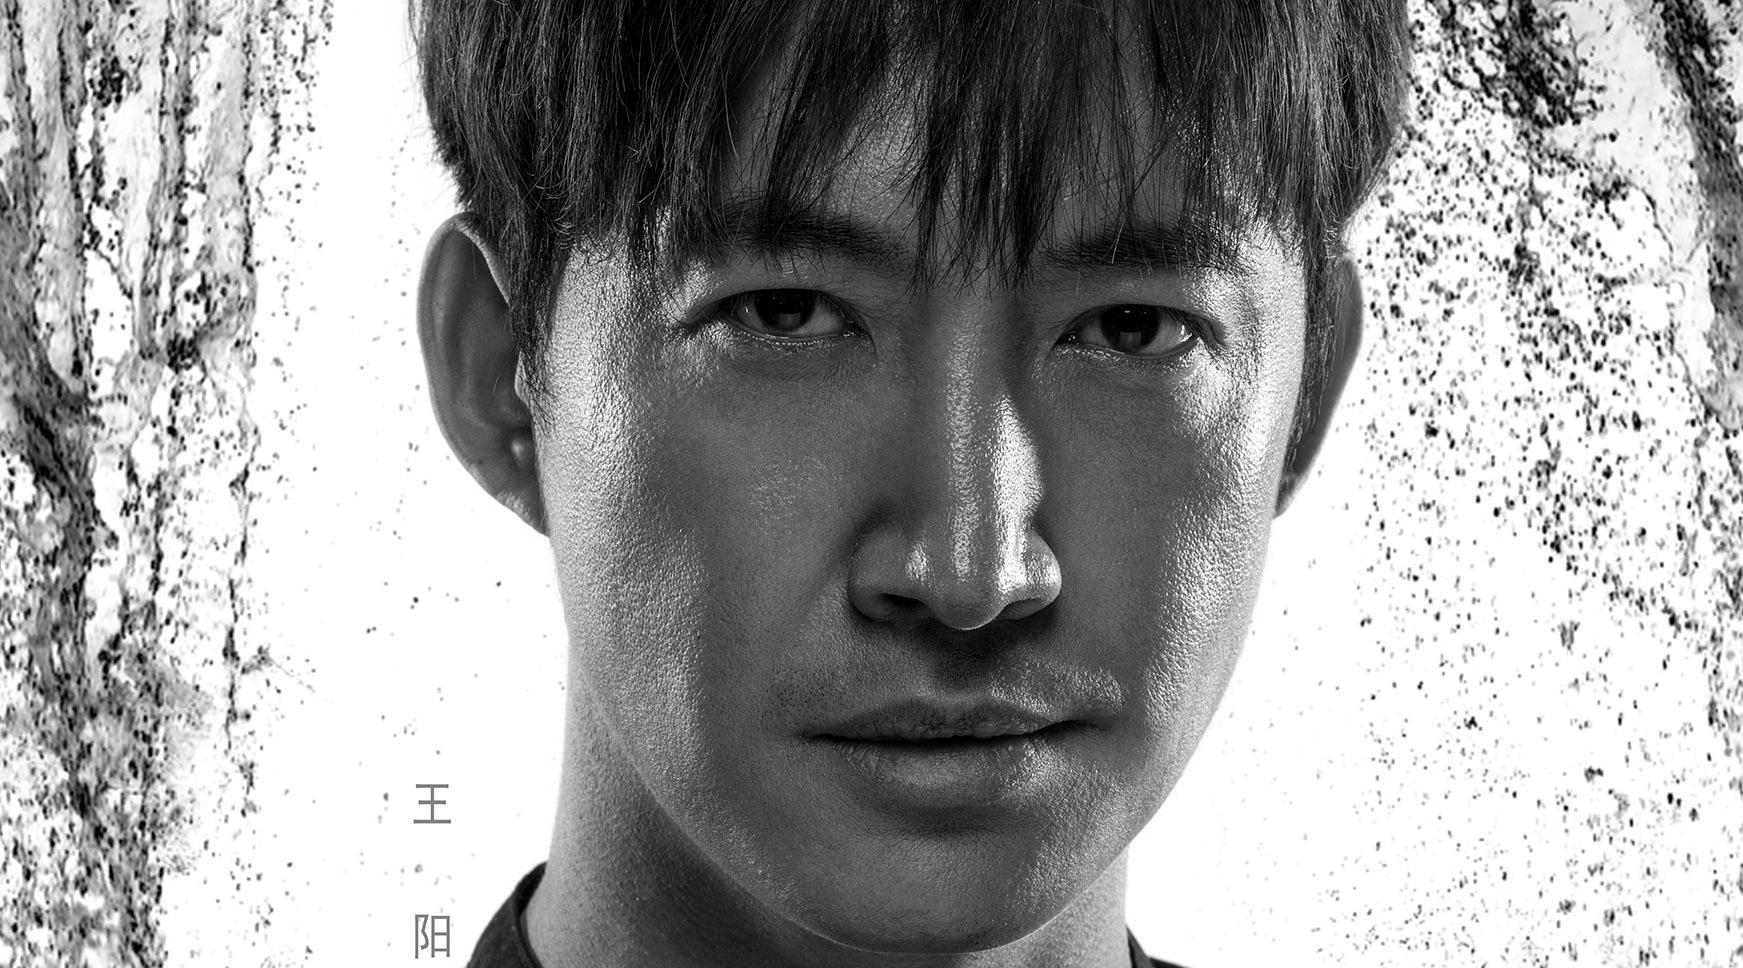 《走火》曝王阳单人海报  身份成谜引爆全剧高潮